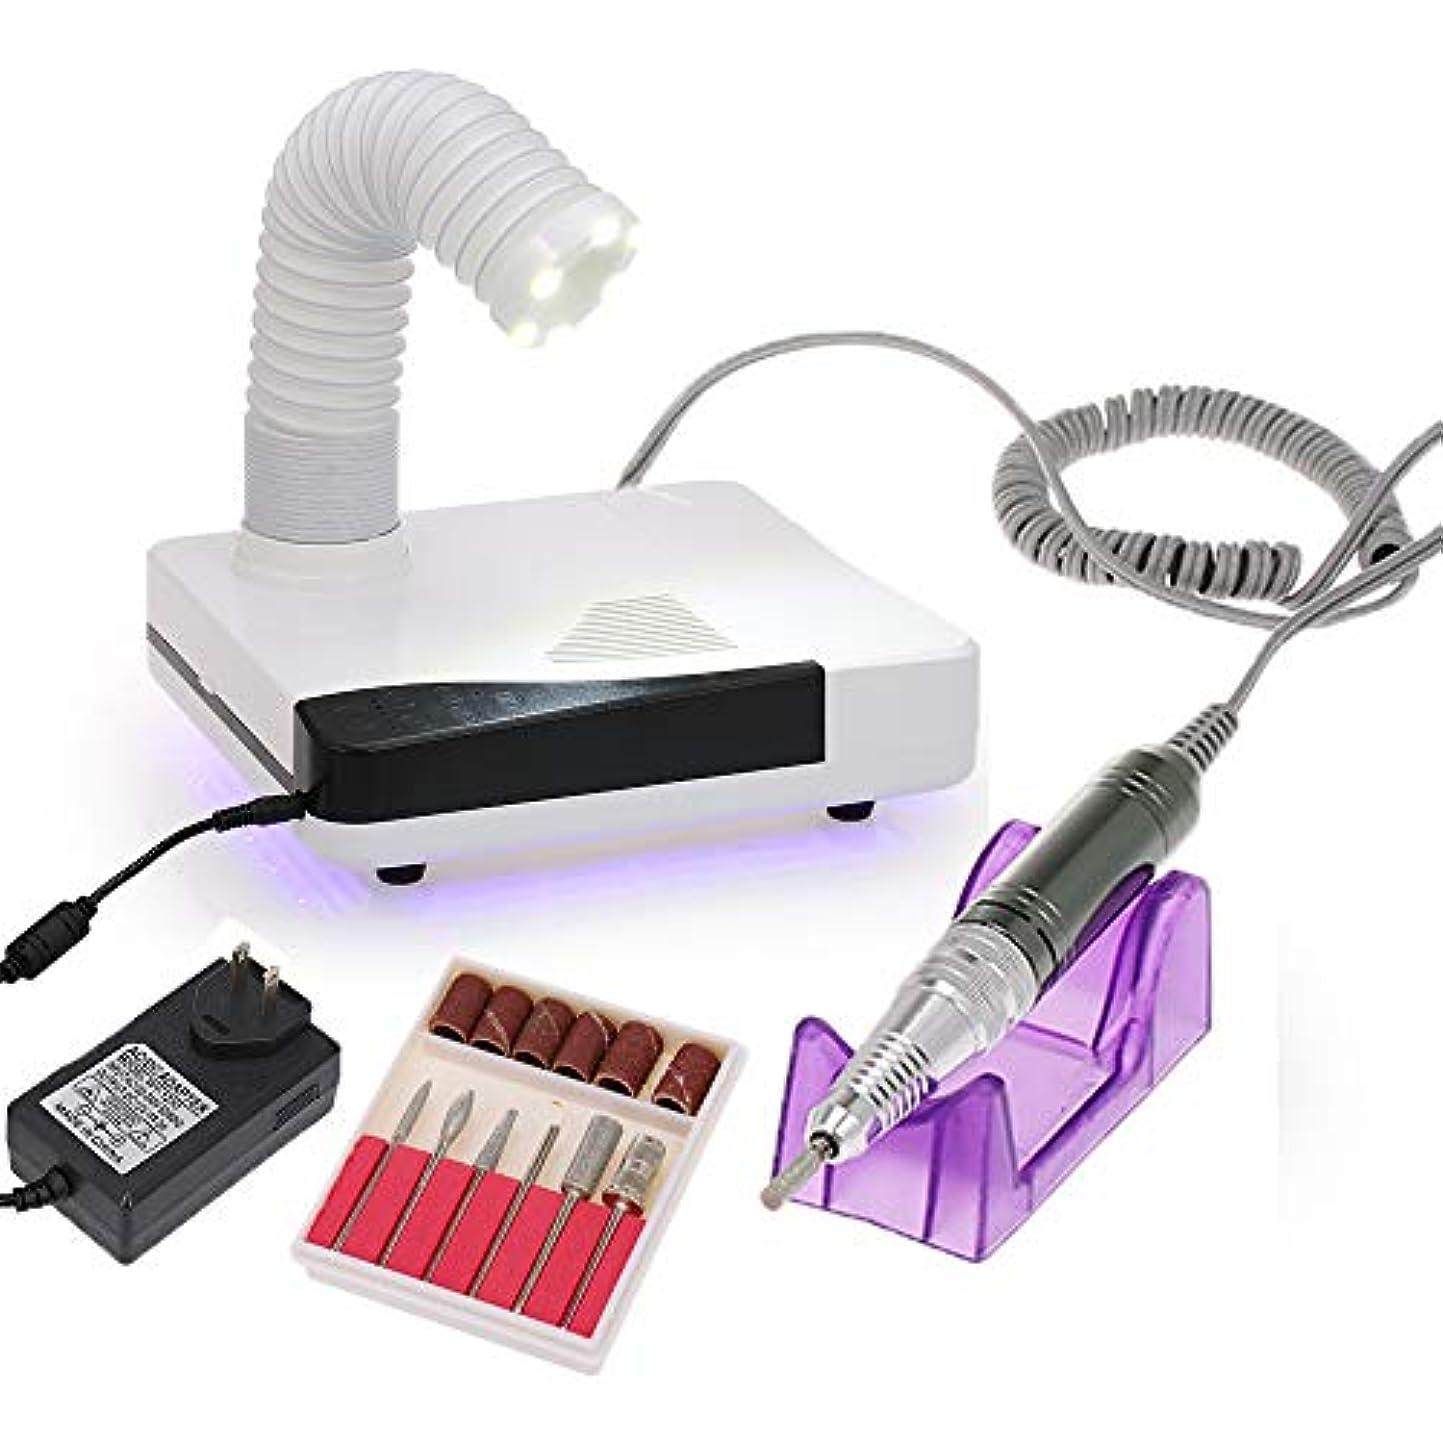 特許長方形インストラクターDecdeal 4in1 ネイル集塵 & 電気ネイルドリル機 セット ネイル集塵機 ネイルツールキット ジェルネイル 60W